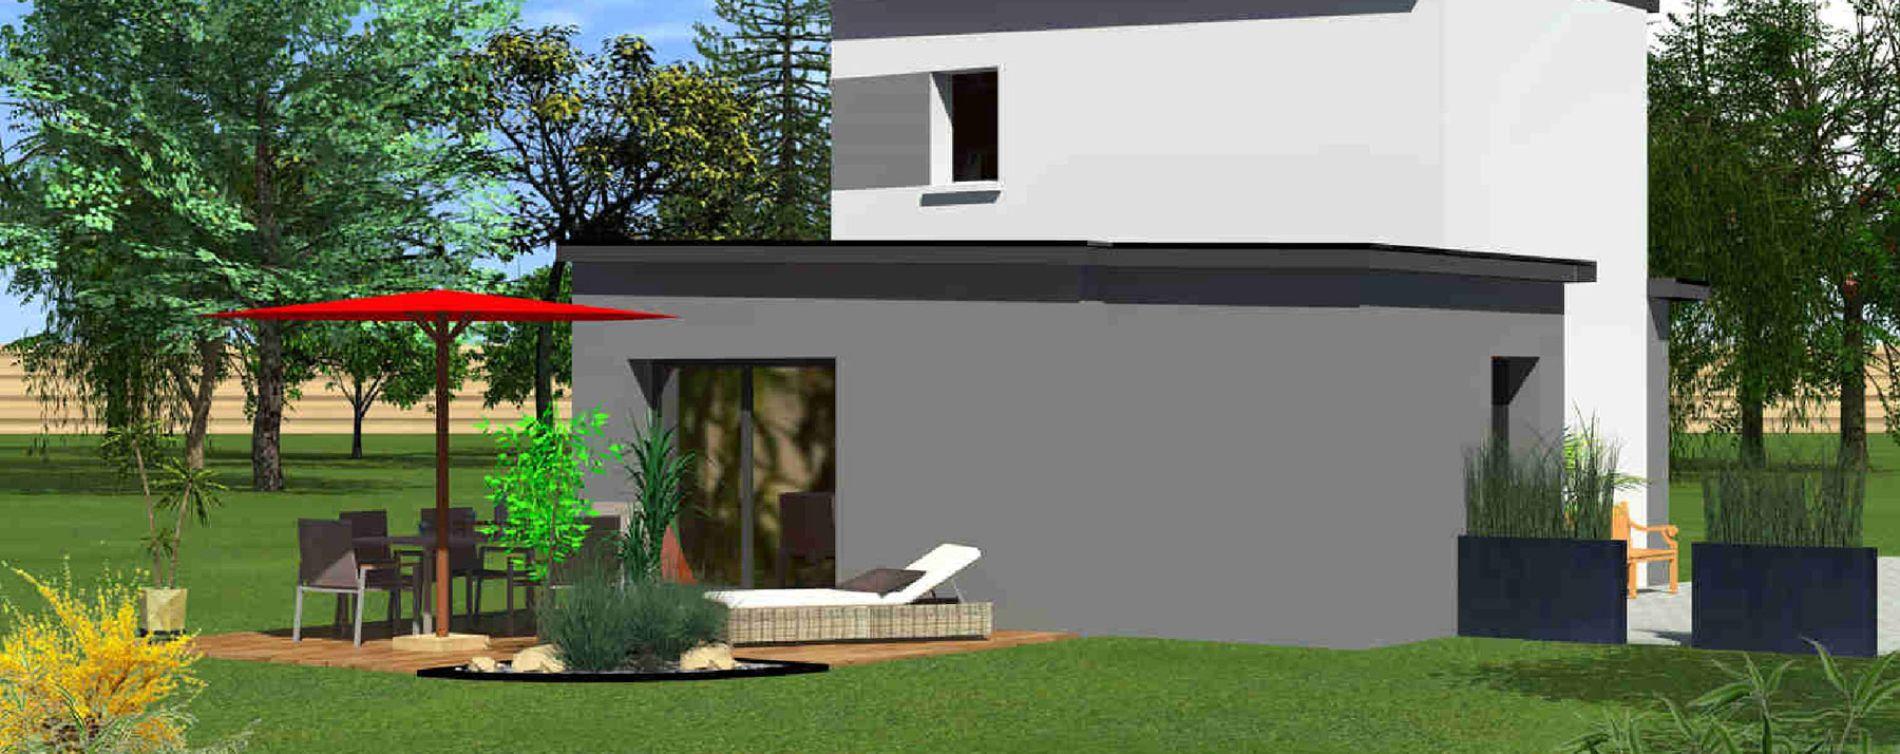 Saint-Pol-de-Léon : programme immobilier neuve « Quai des Îles » (2)